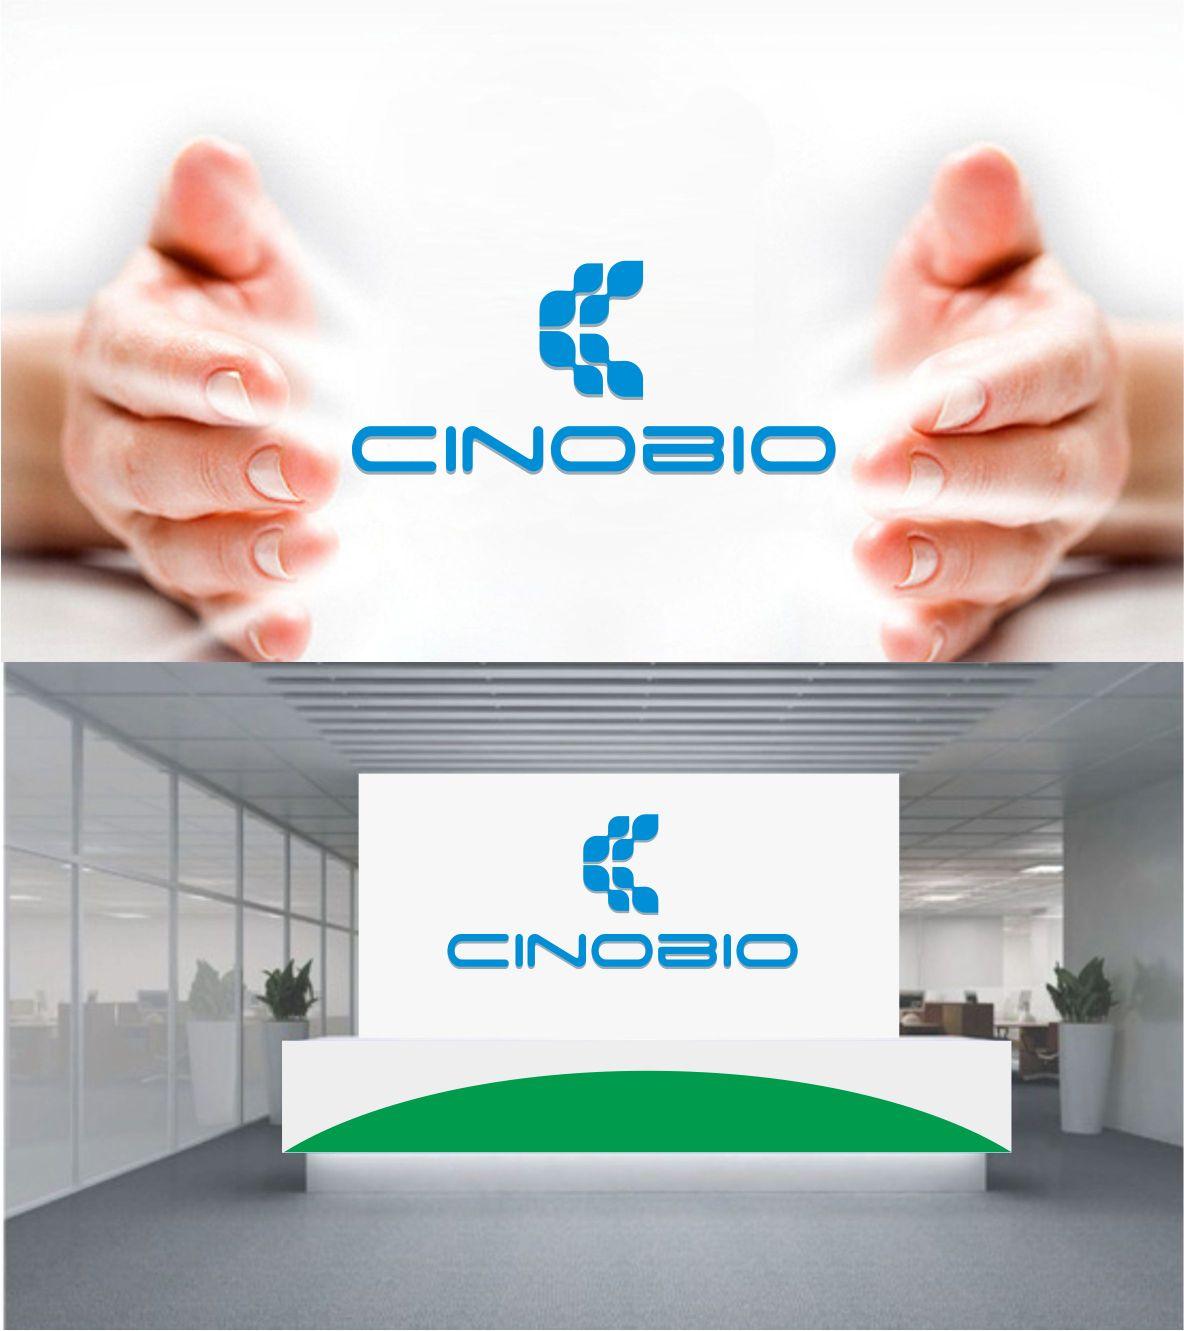 微生物科技公司logo设计_3018263_k68威客网